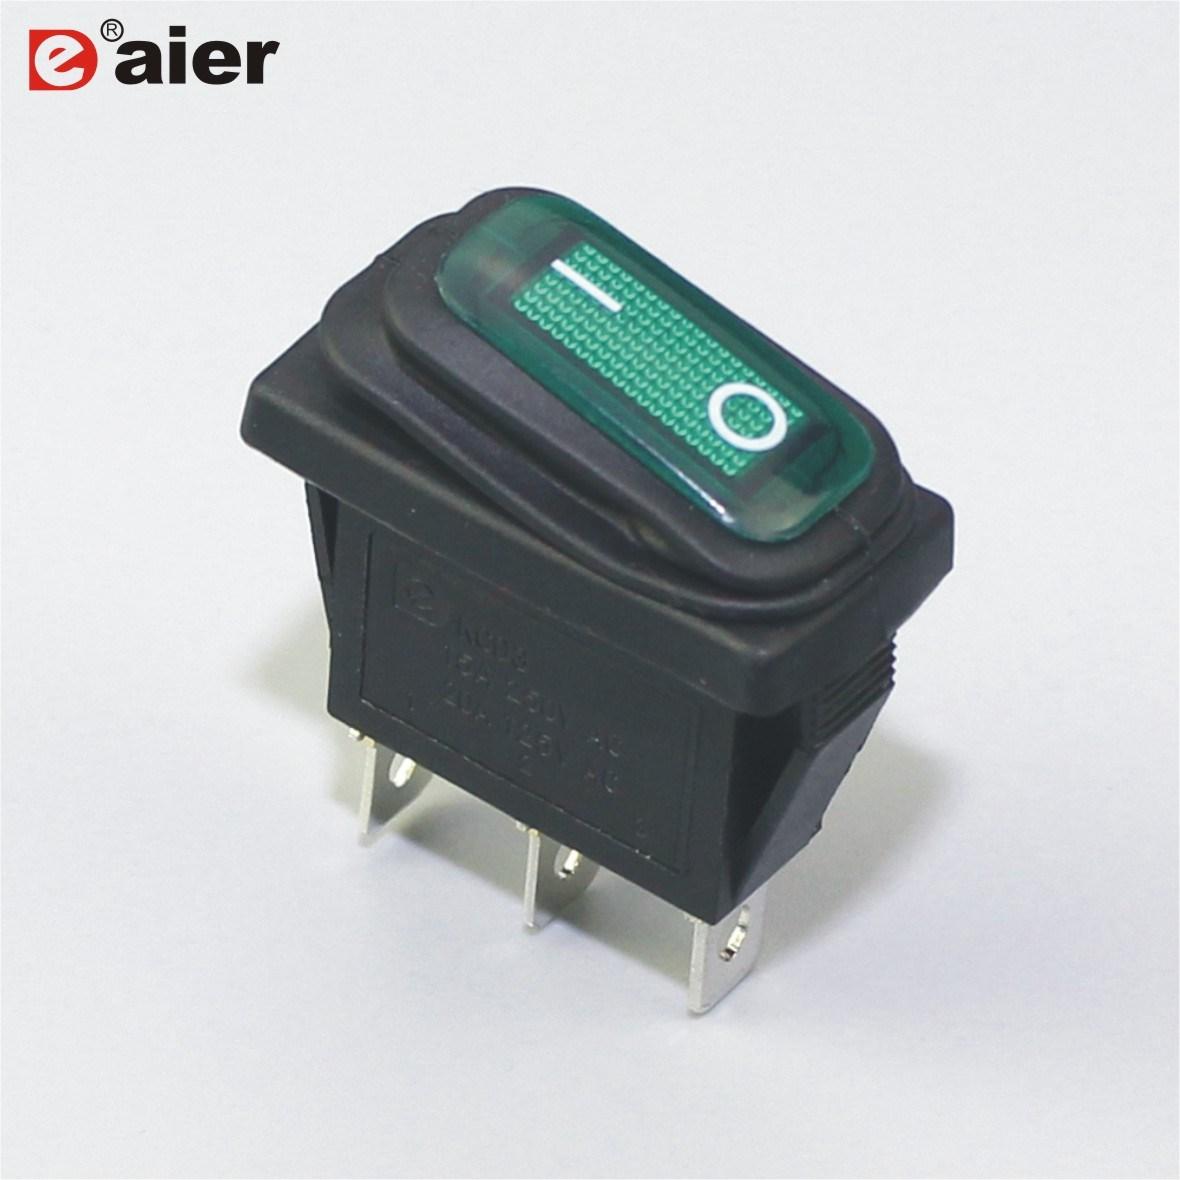 China 20a 3pin 3 Way Waterproof Rocker Switch On Off Adapter